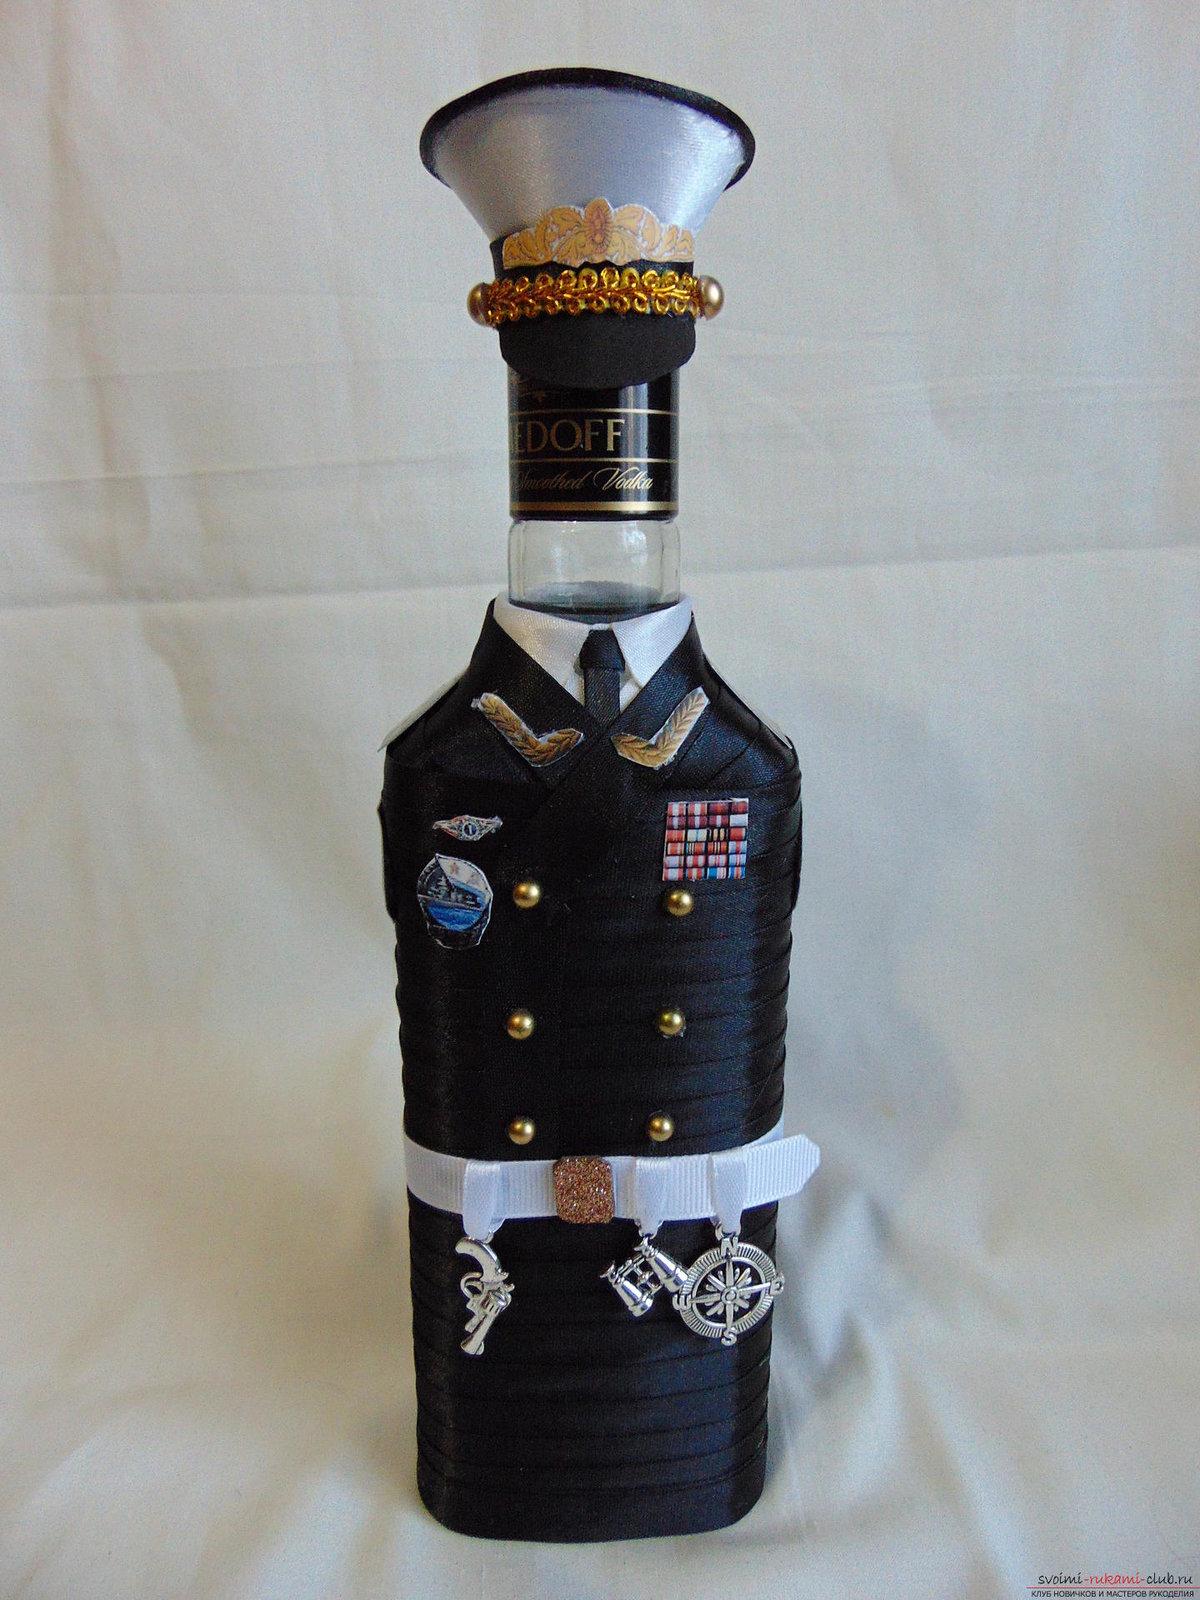 Бутылка к 23 февраля своими руками